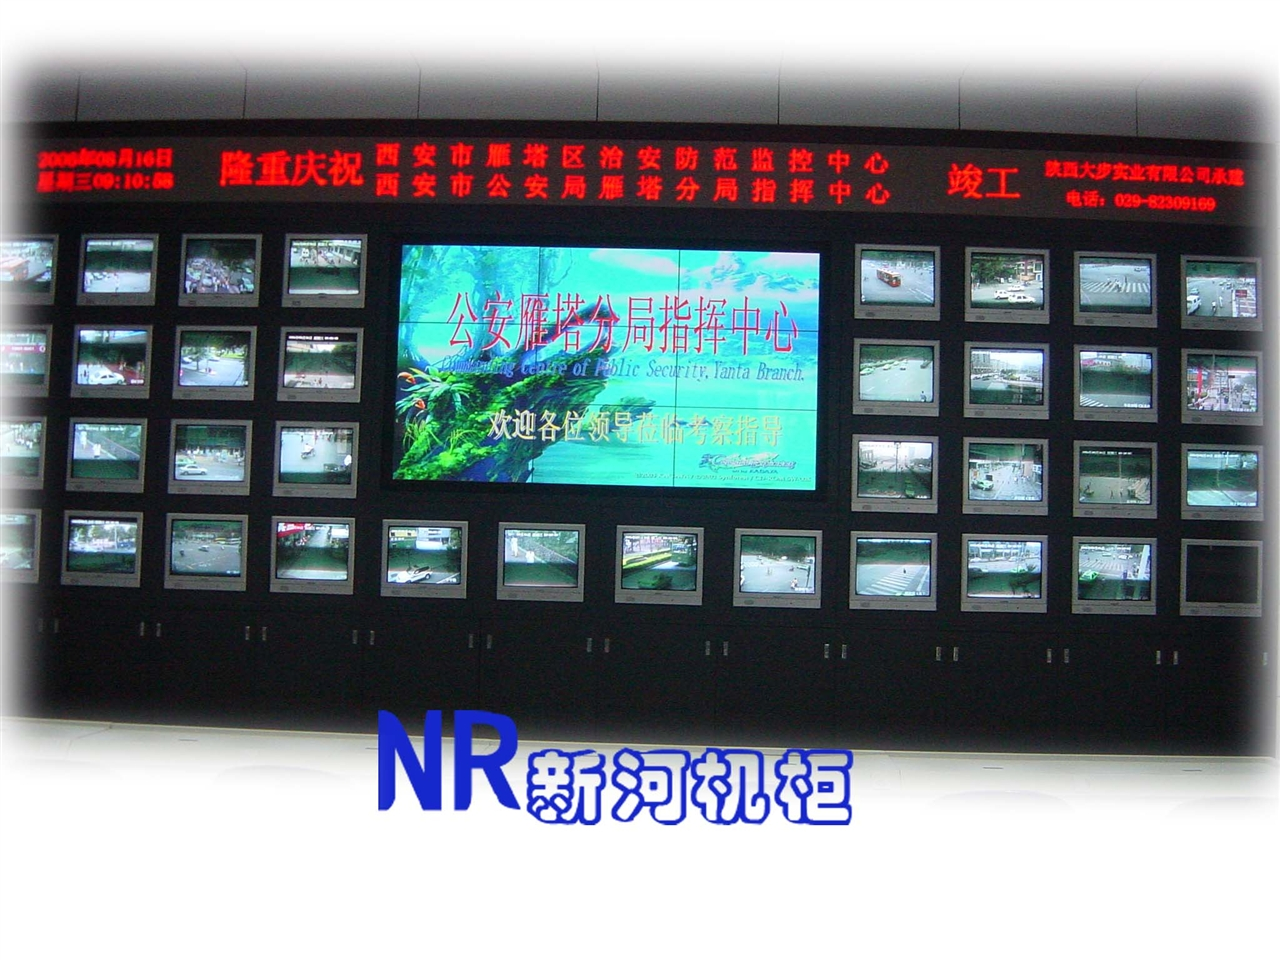 大型拼接屏组合电视墙